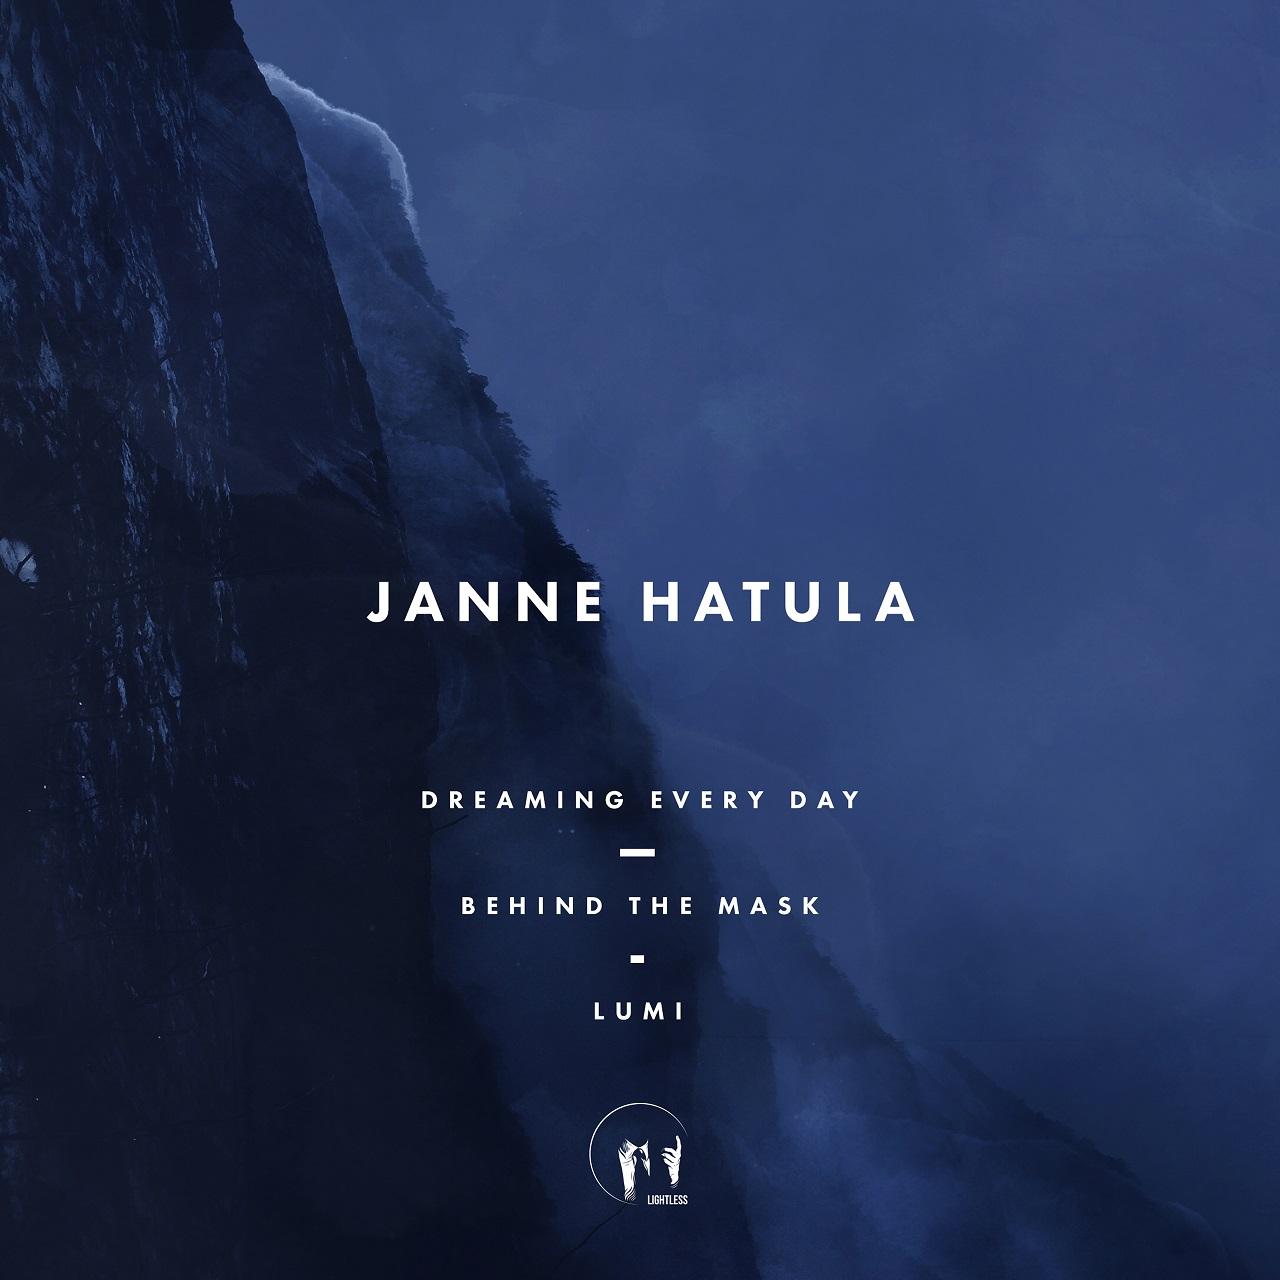 Janne Hatula - Lumi EP